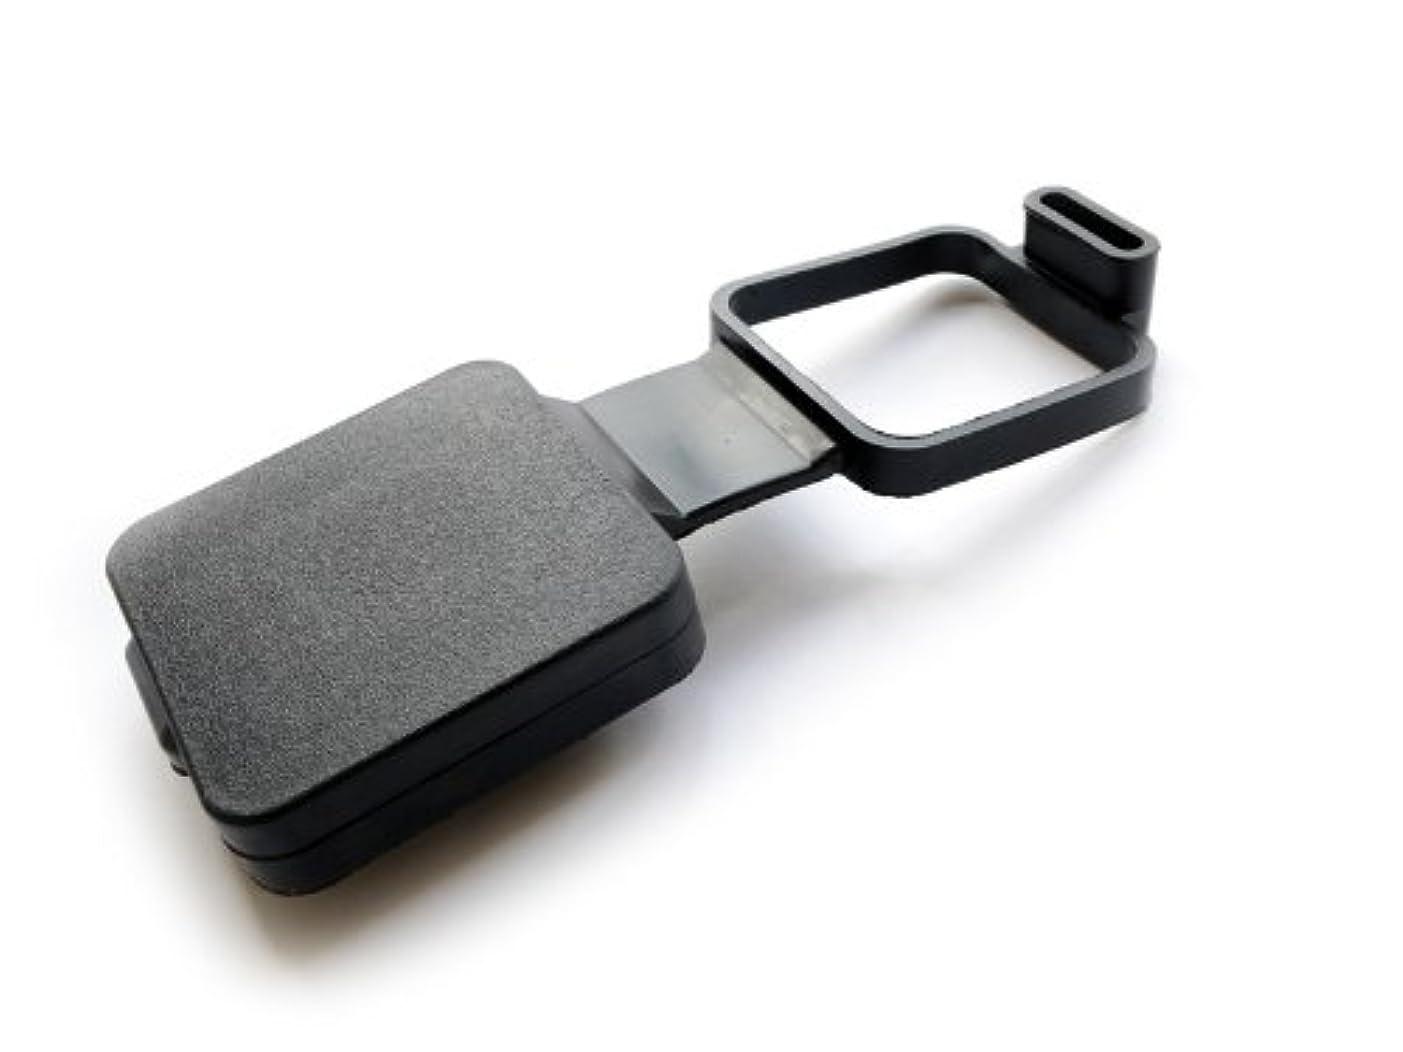 情緒的柔らかさ野球CURT 正規品 ヒッチカバー/ヒッチキャップ 2インチ角 ラバー製 メーカー保証付